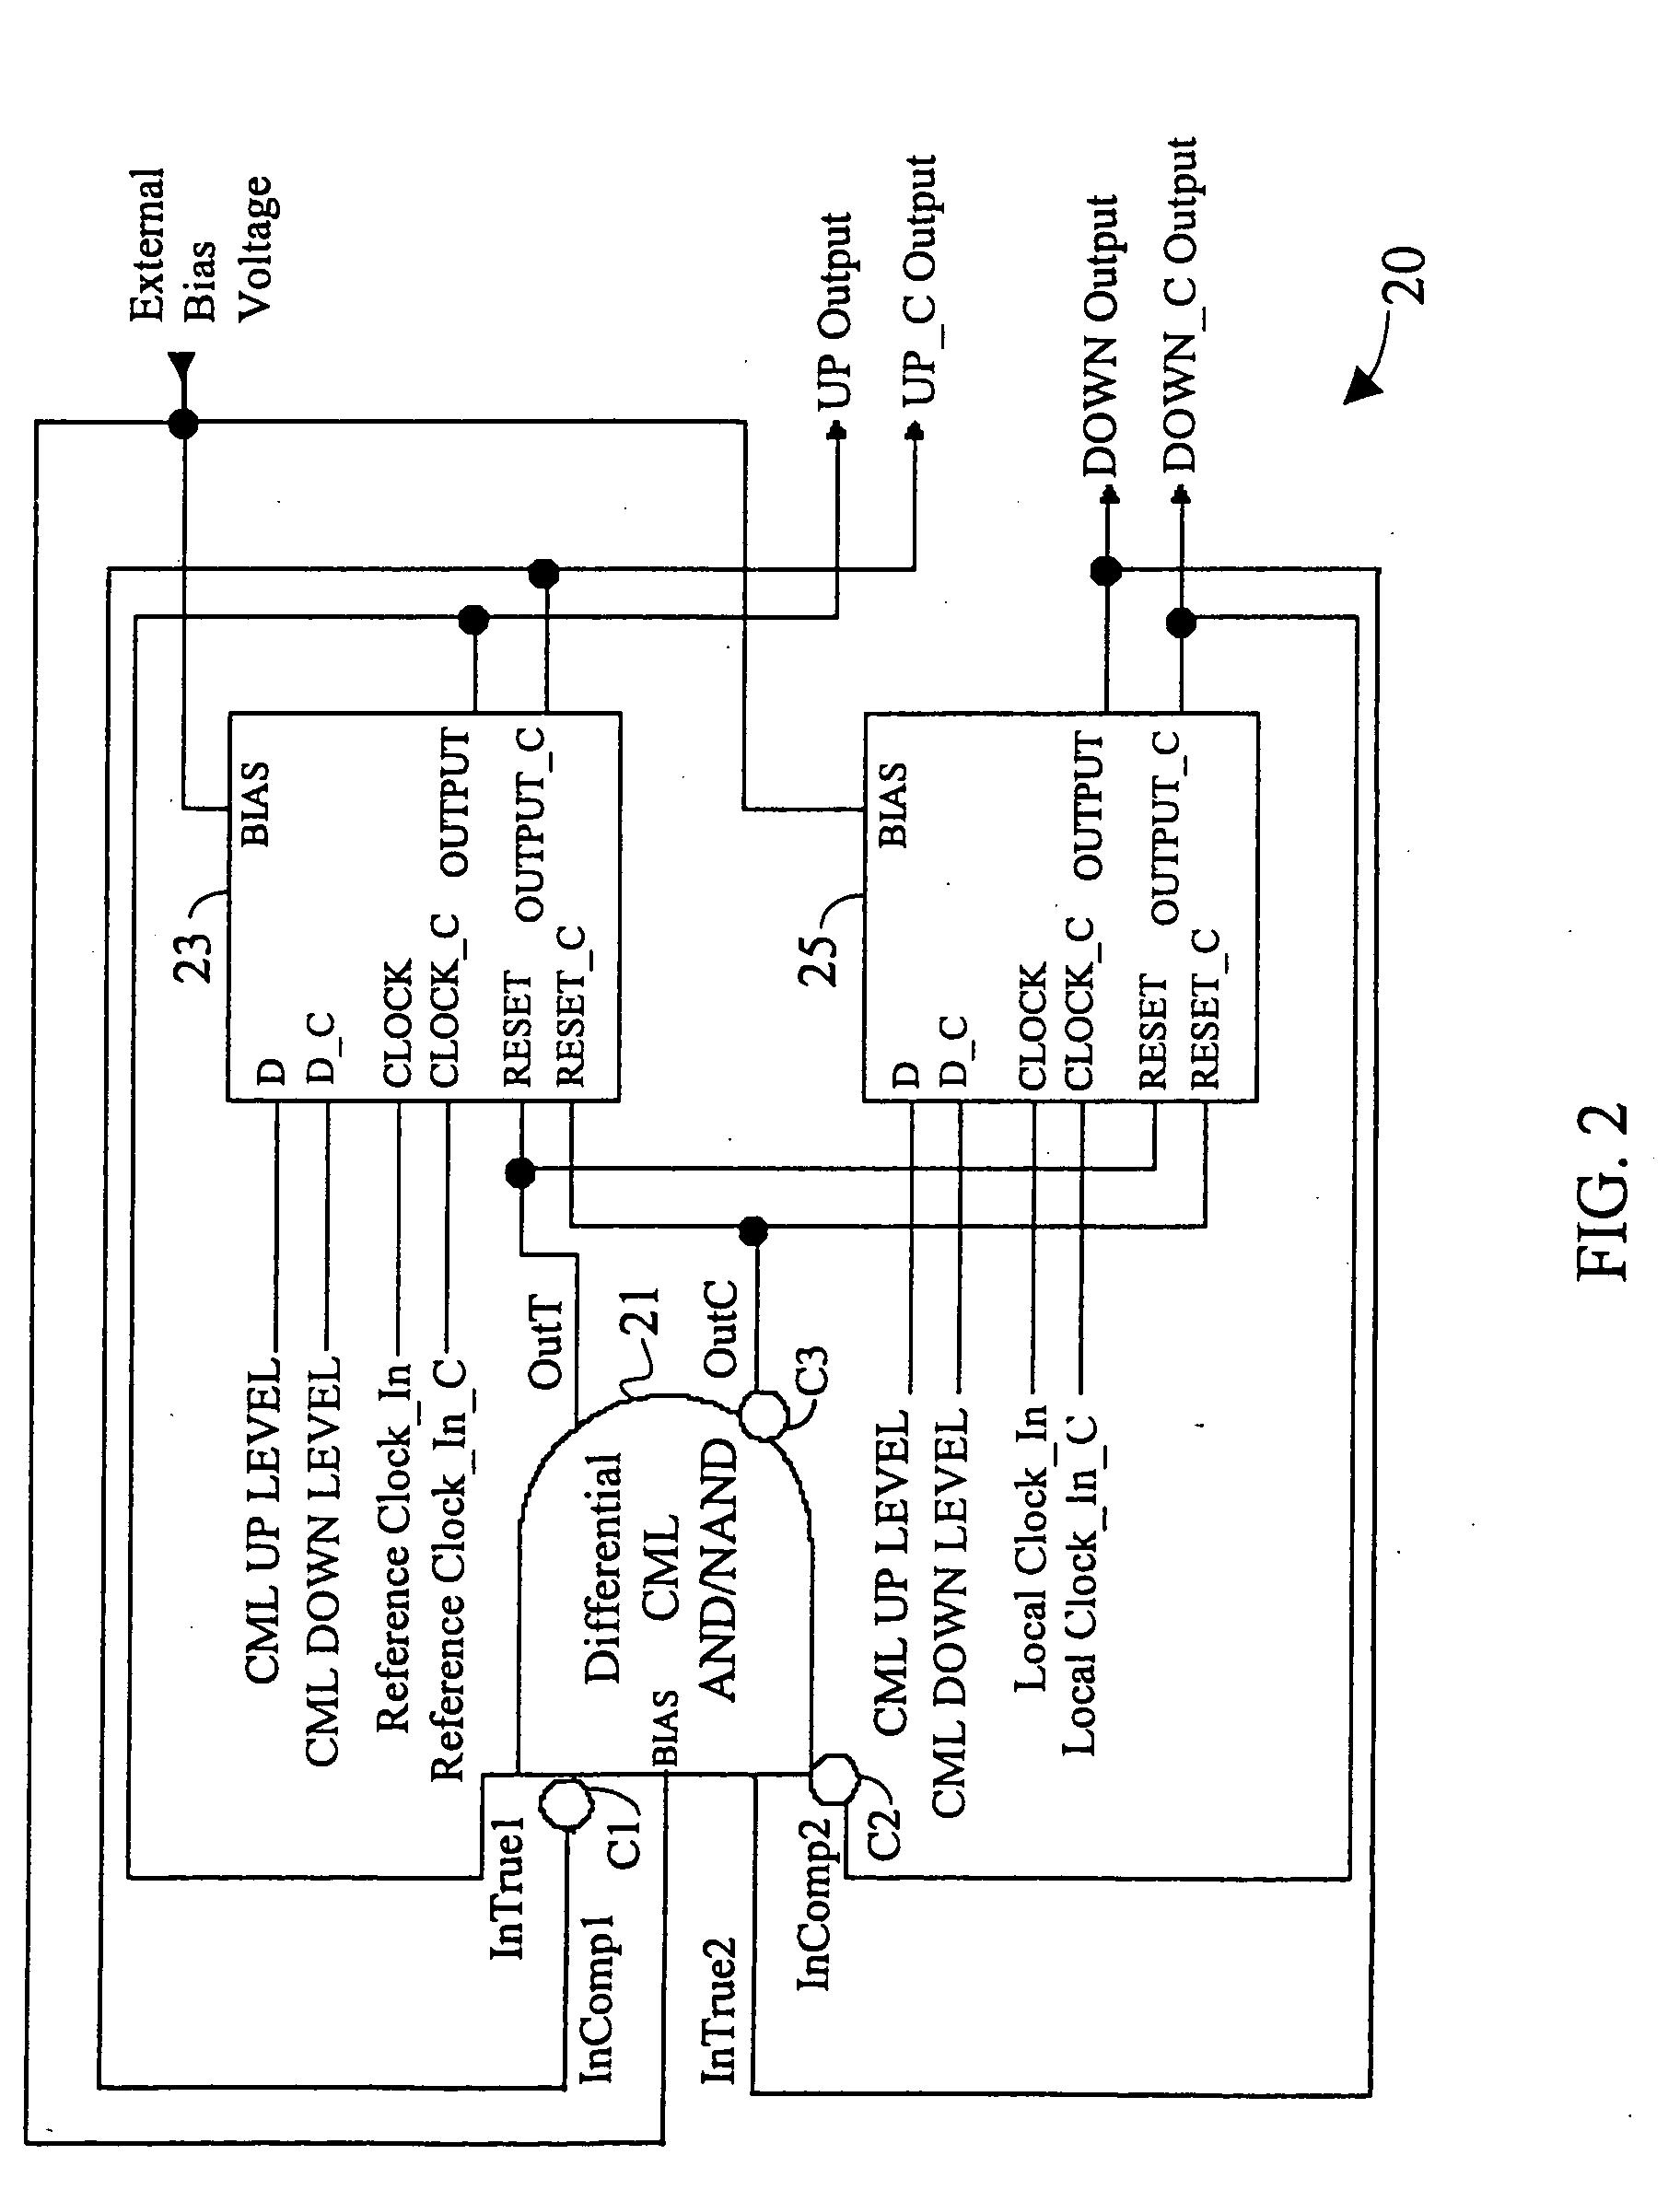 Transistor Schematic D Flip Flop